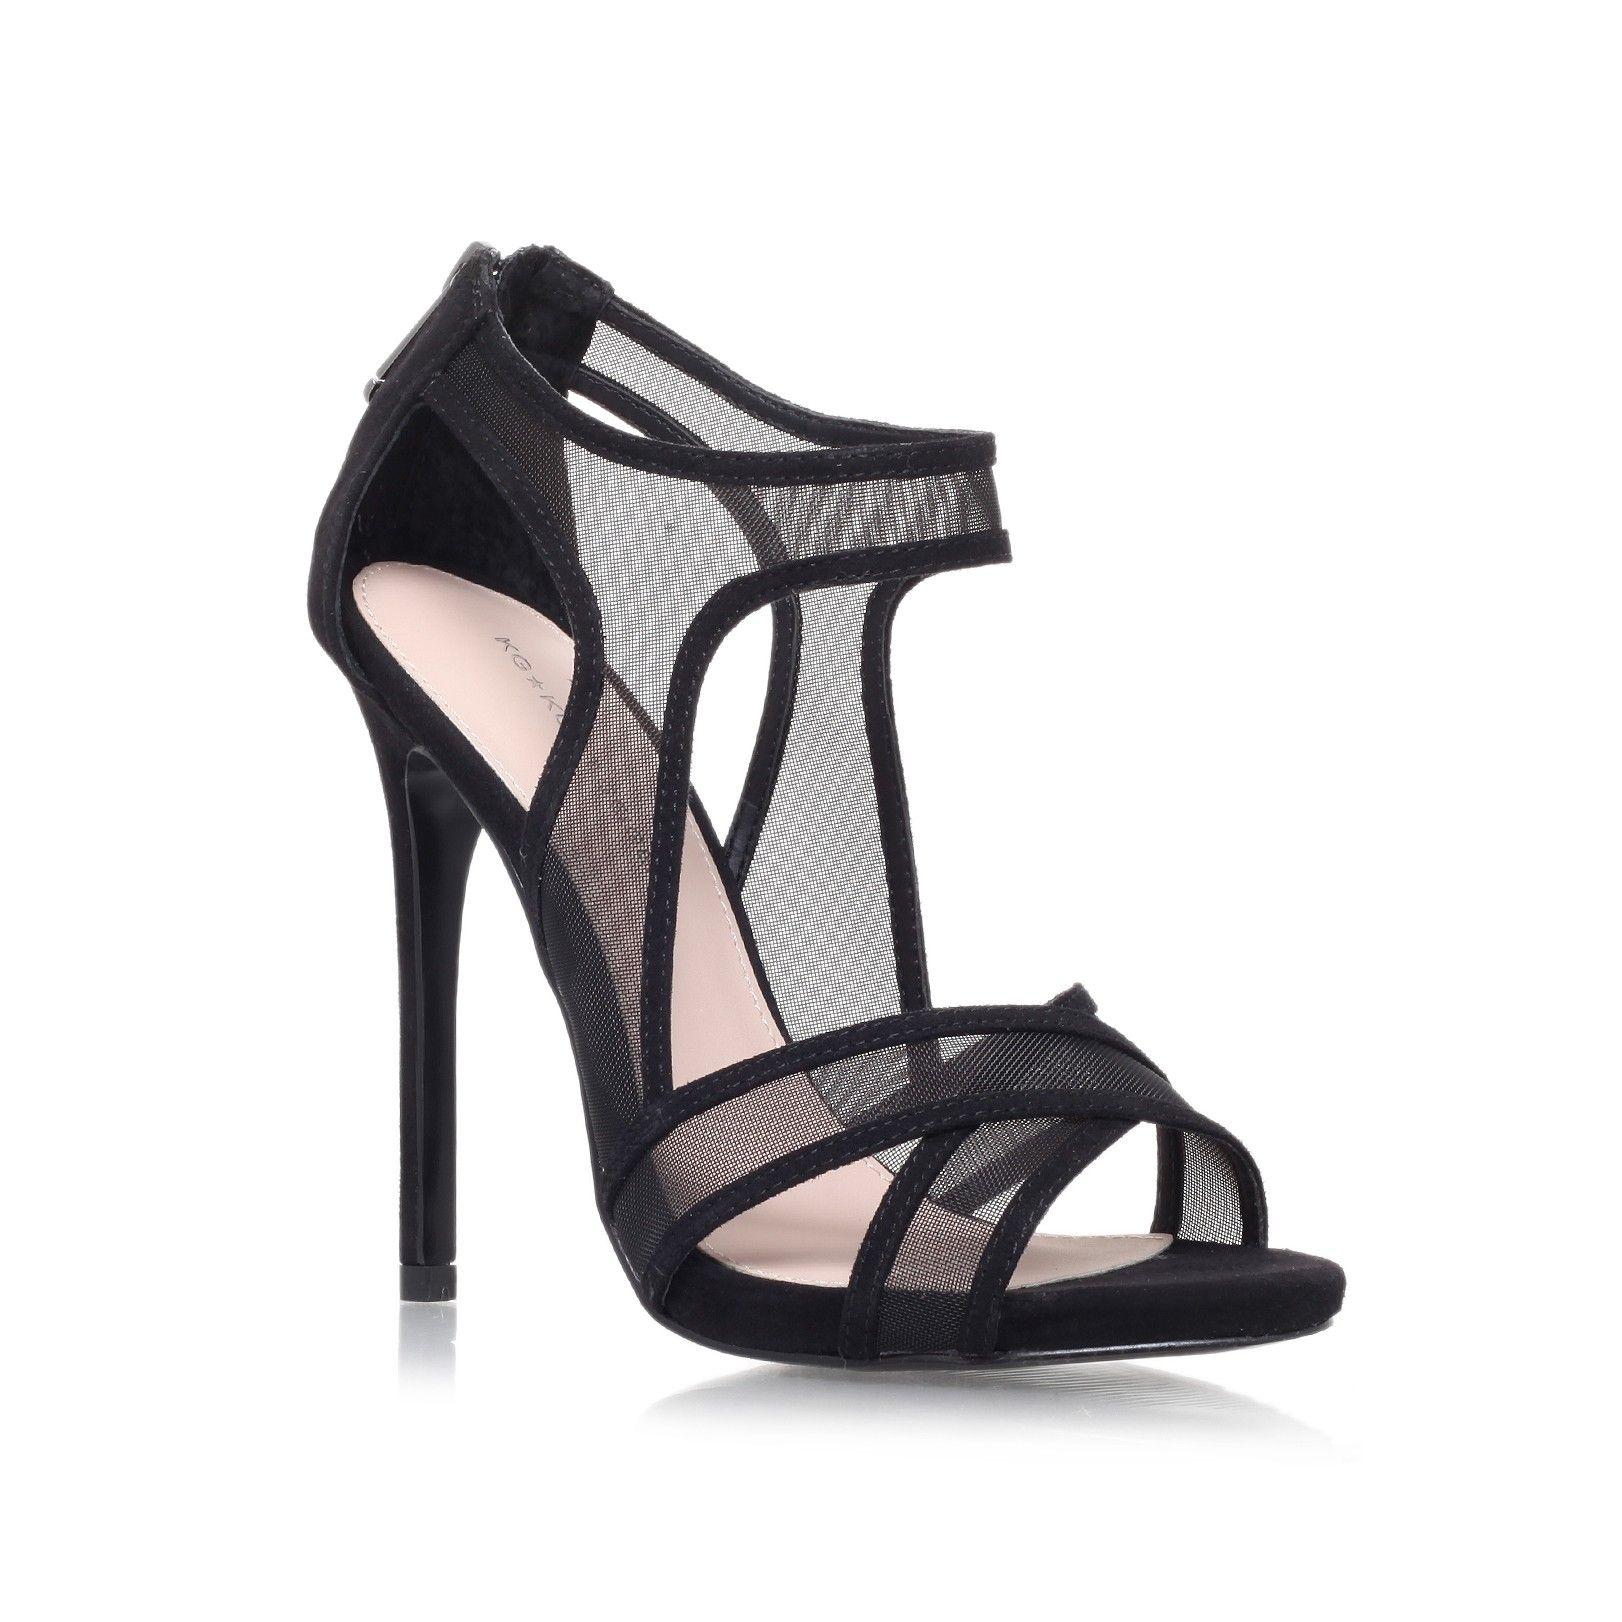 haze black high heel sandals from KG Kurt Geiger